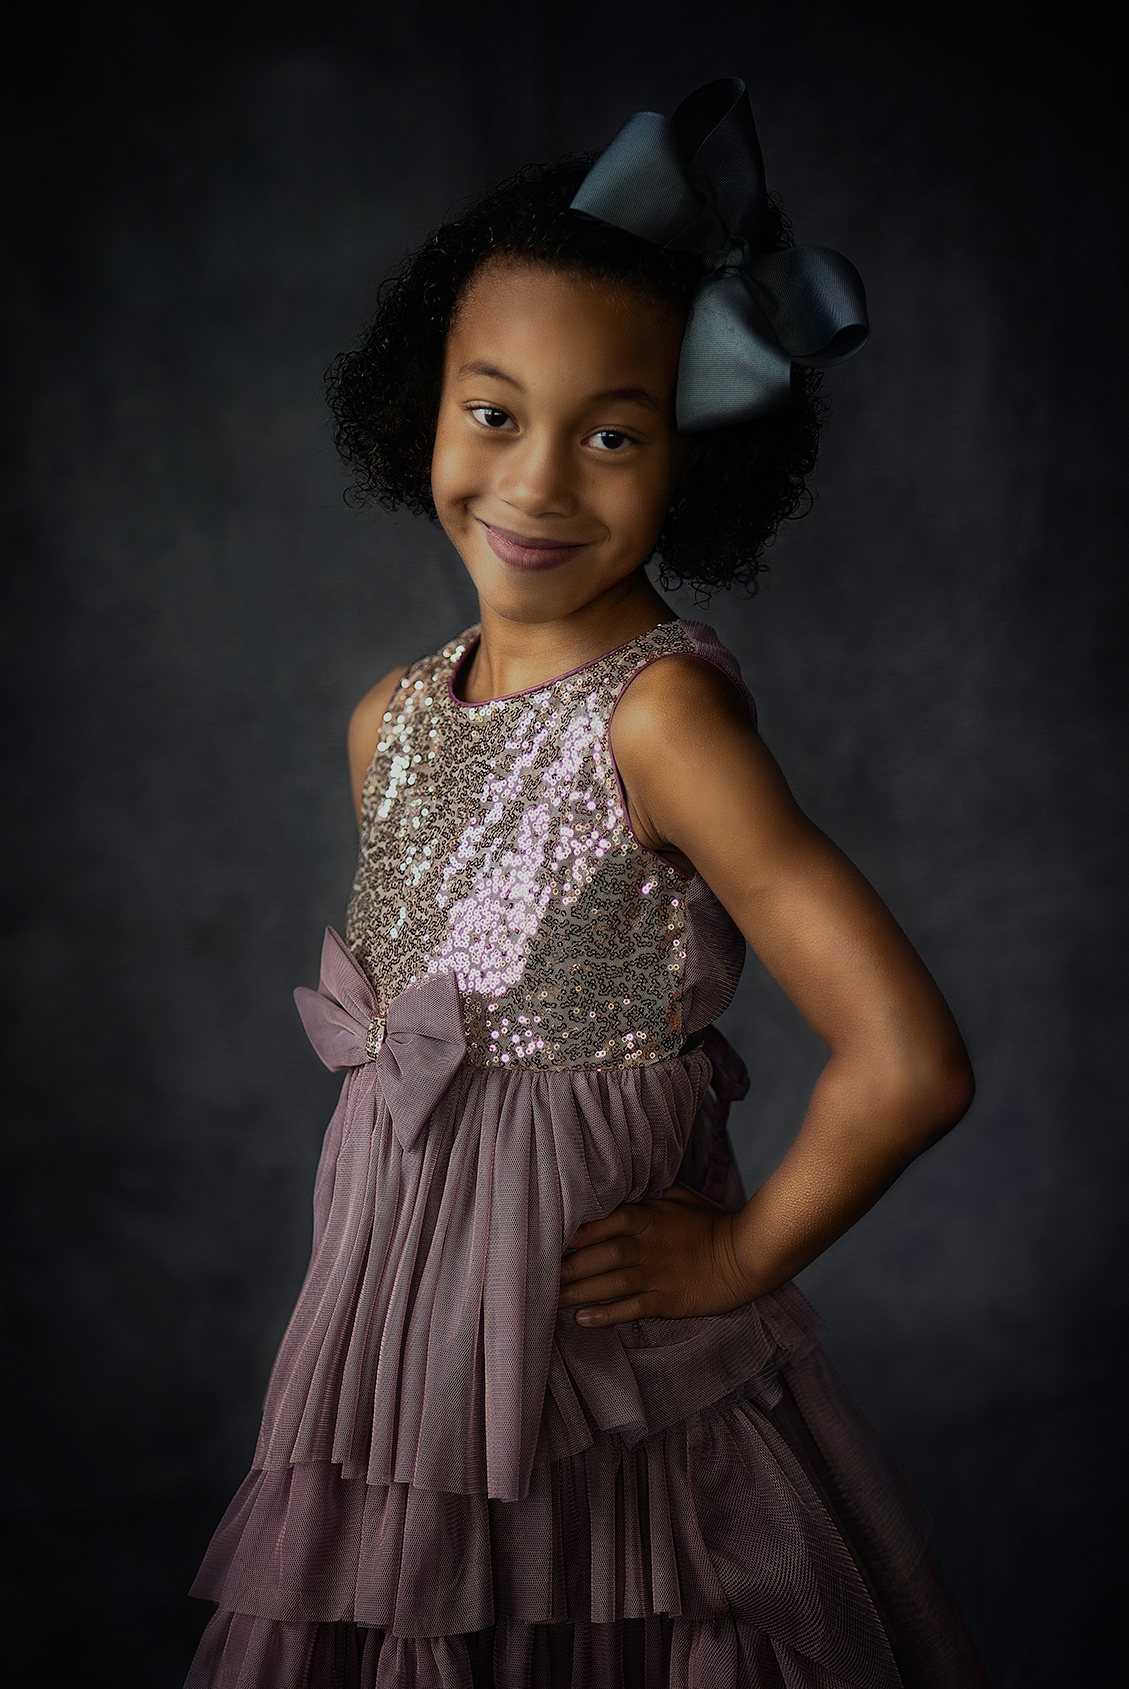 Fine Art Children's Portraiture in studio of girl in Lindale Texas